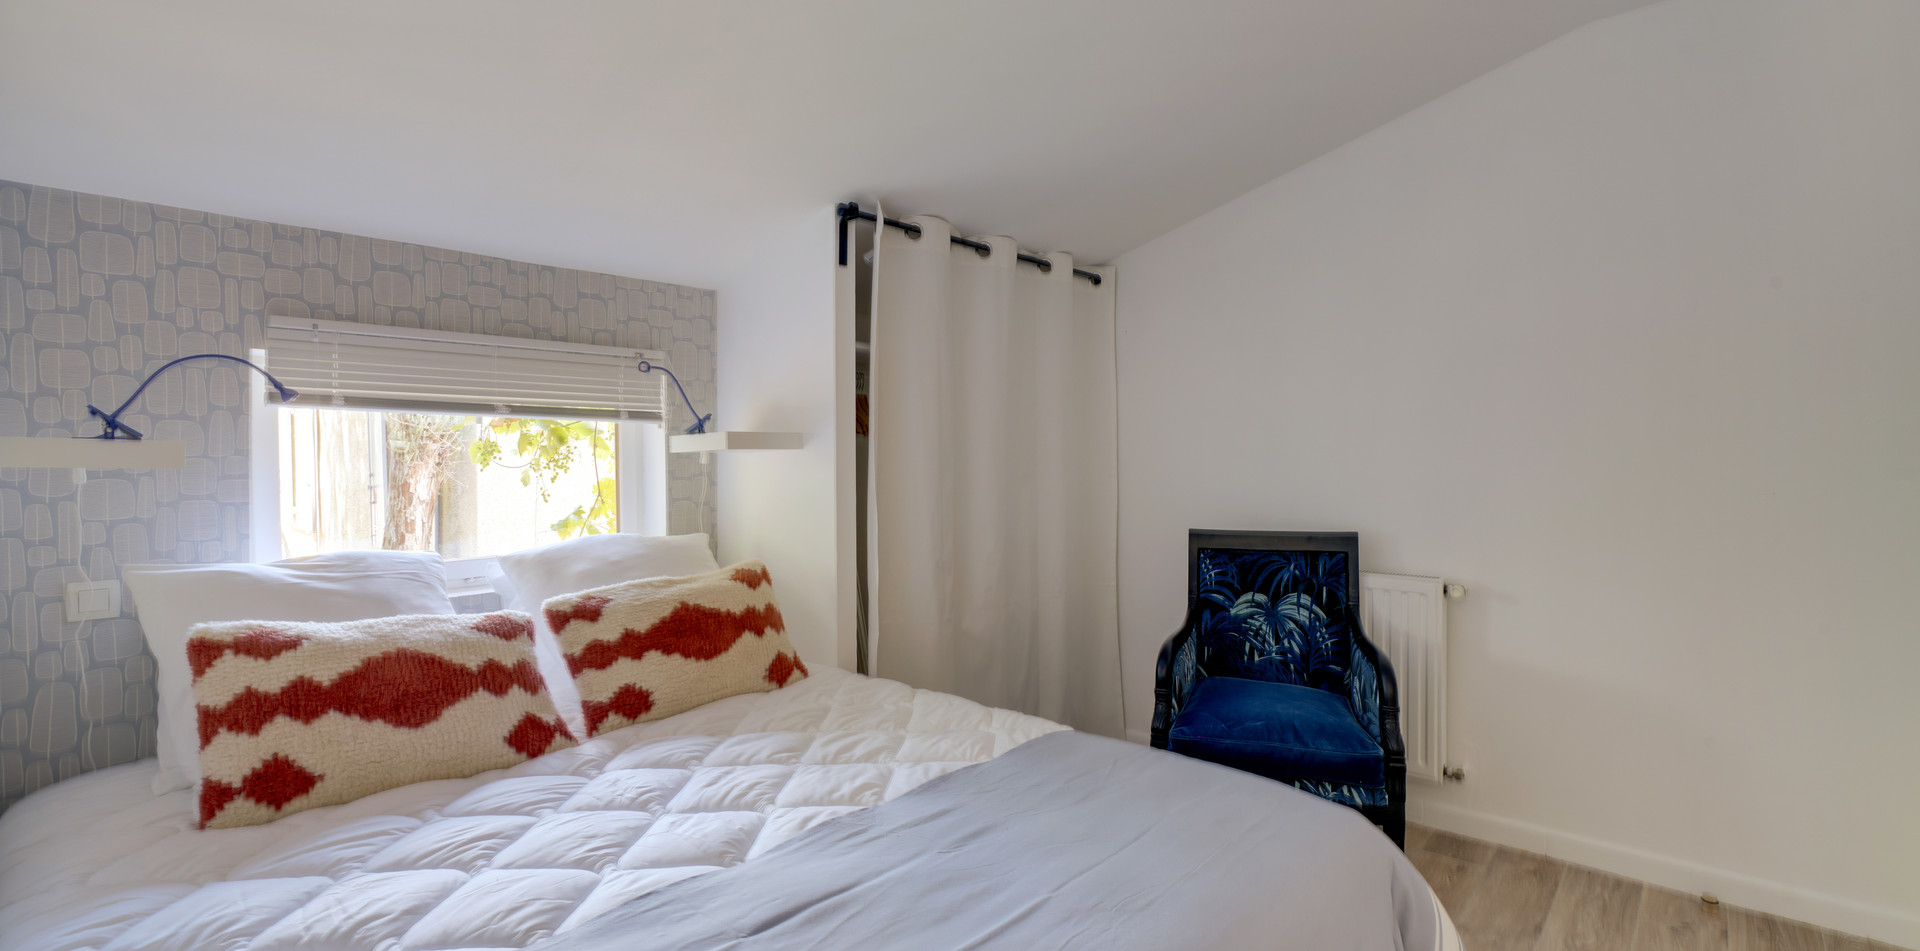 Maison des Amis, bedroom 3, Mas Saint-Gens